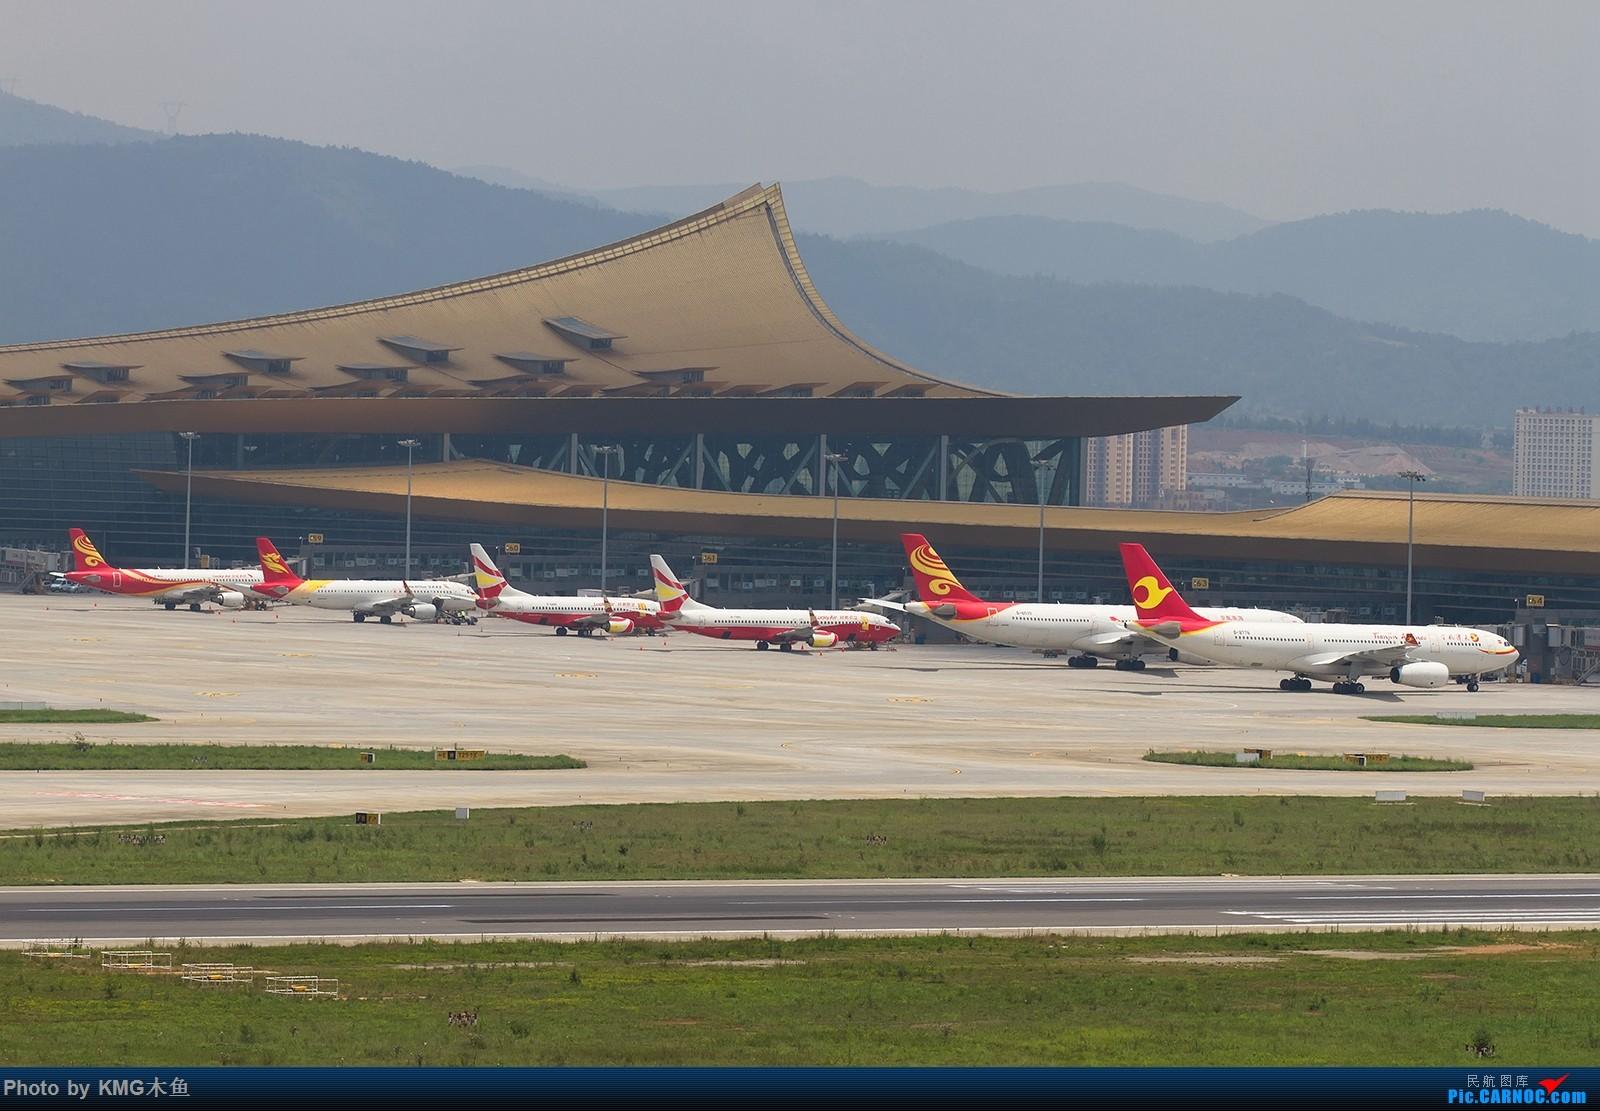 [原创]【昆明长水国际机场——KMG木鱼拍机】第一次大中午的拍飞机,还好宽体比较多,也算是值得了    中国昆明长水国际机场